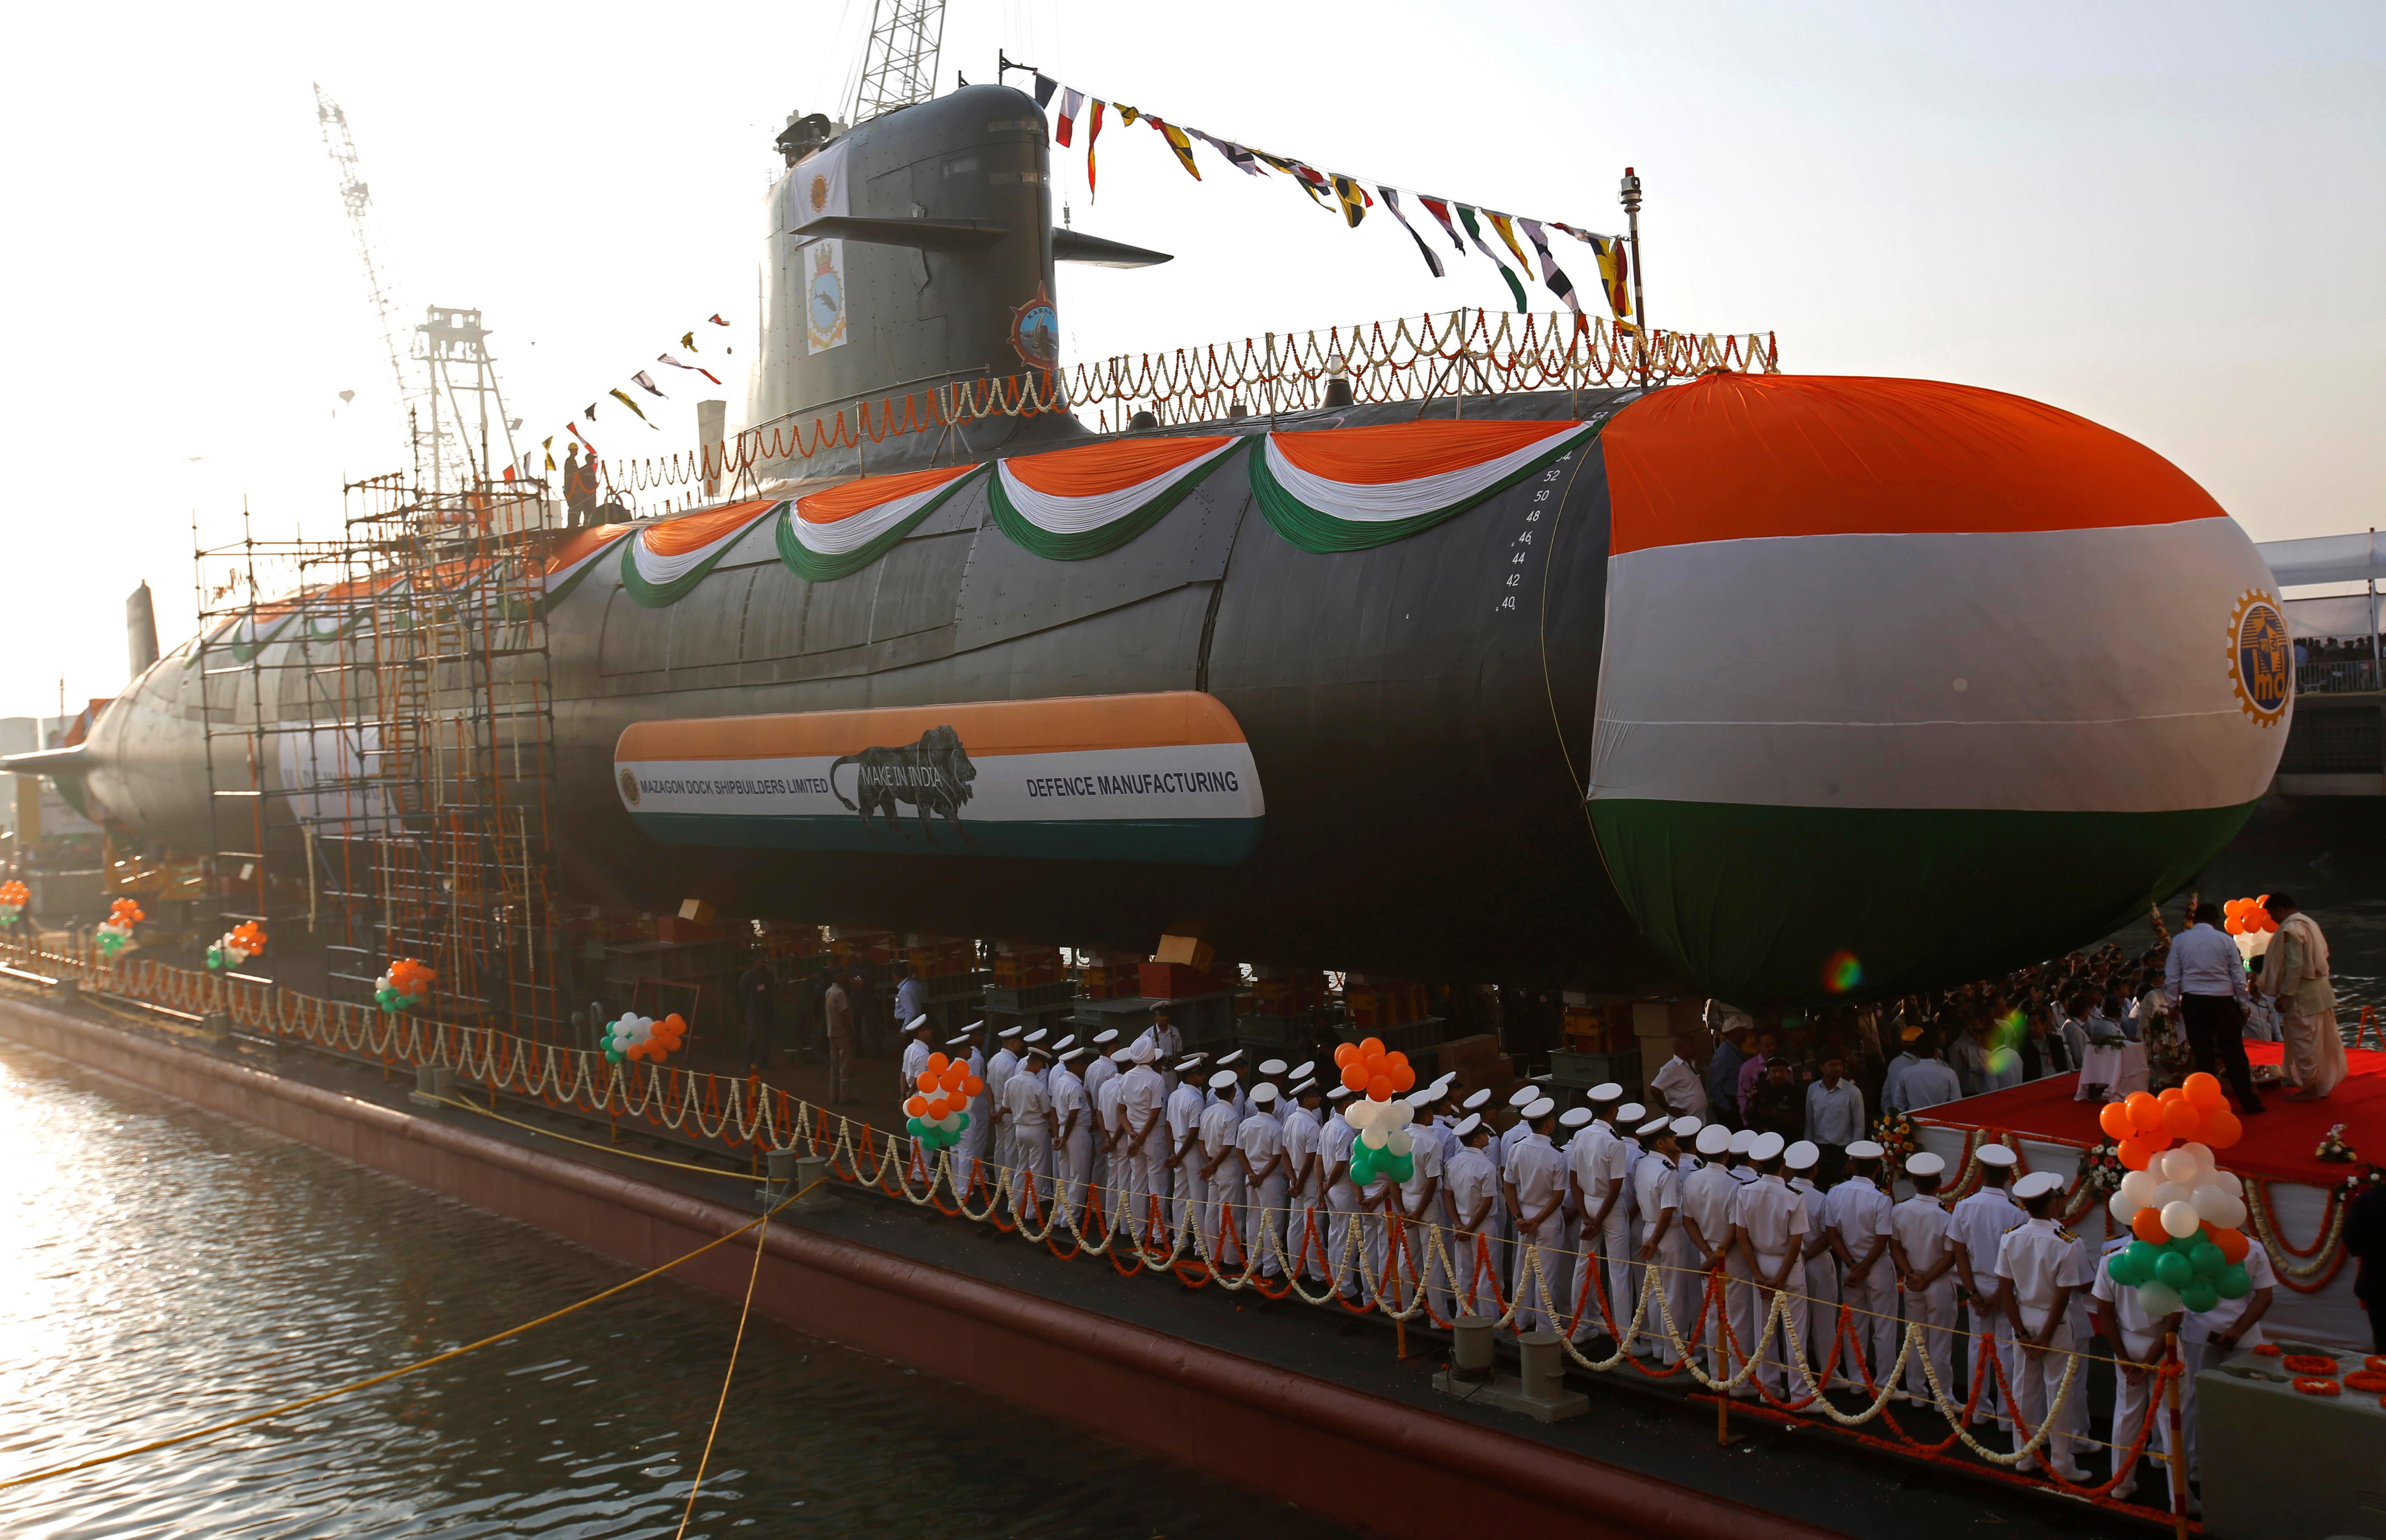 买了潜艇没买配套鱼雷:印度潜艇长期没鱼雷可用